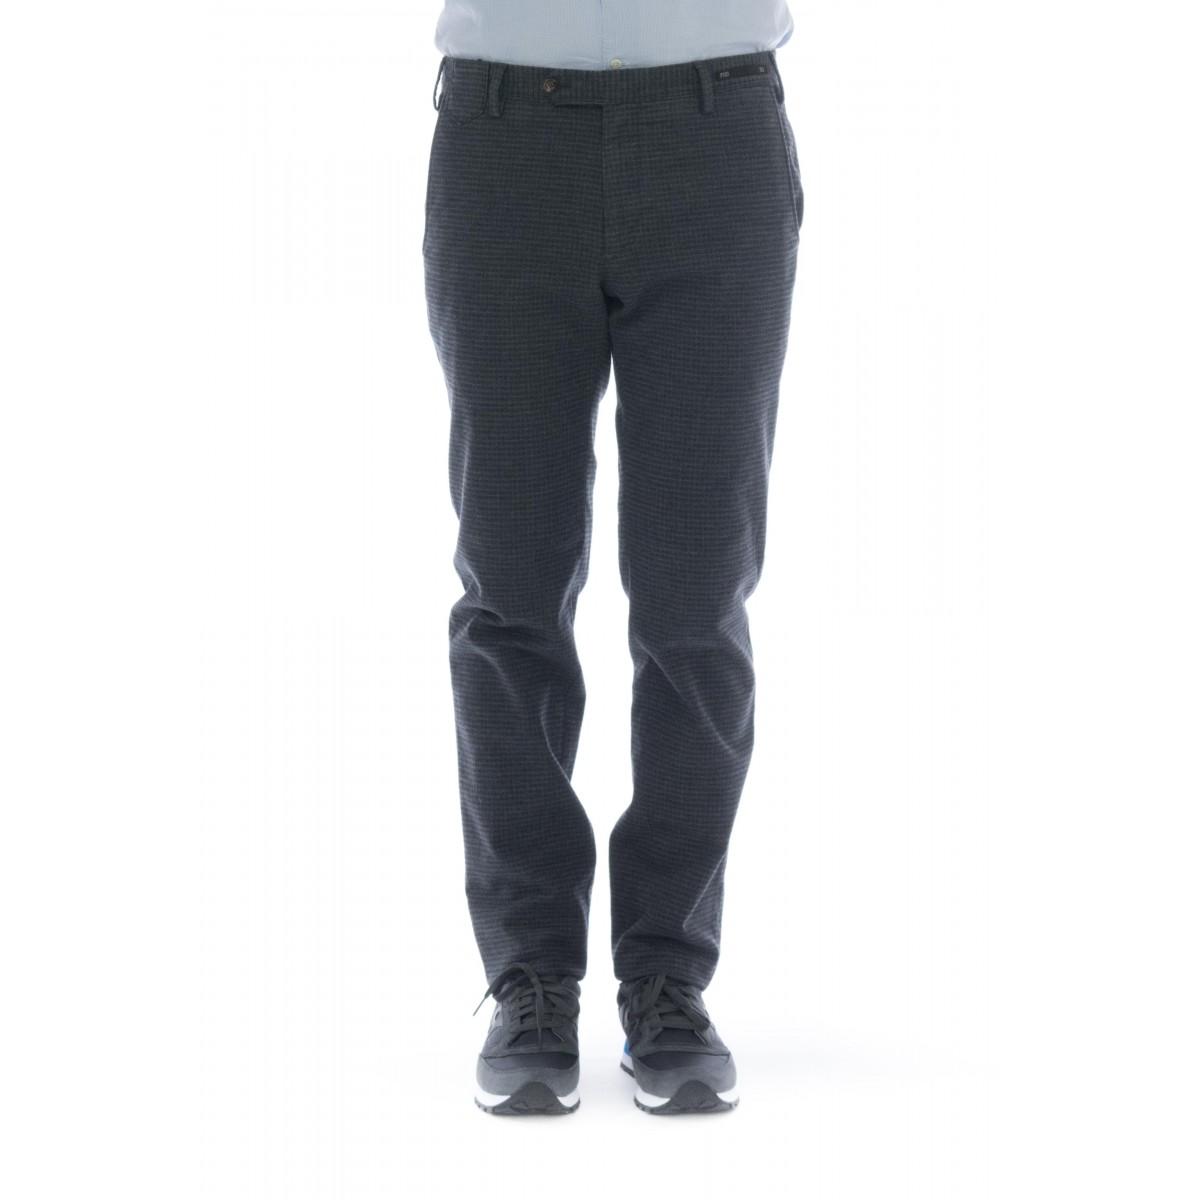 Pantalone uomo - Codl sd25 super slim cotone strech tinto filo fantasia